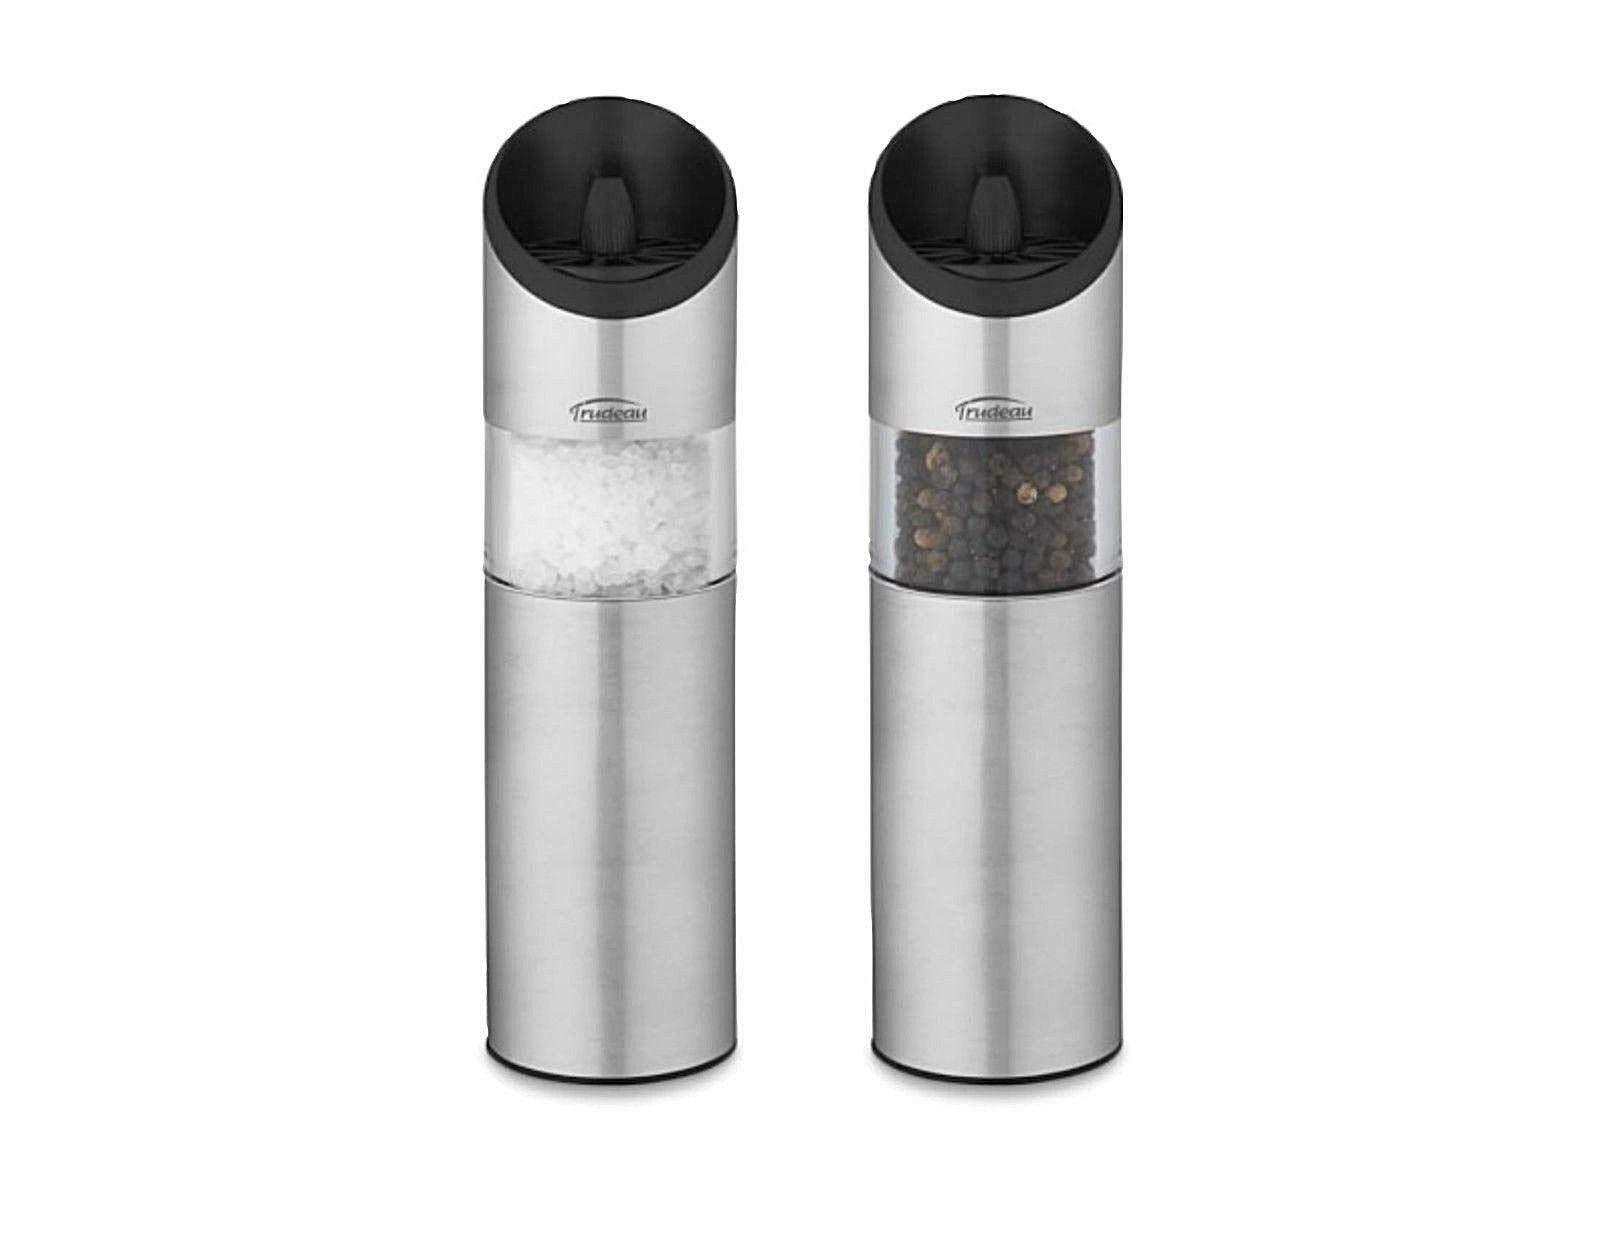 Trudeau Graviti Battery Operated Salt & Pepper Mill Set (Silver) by Trudeau